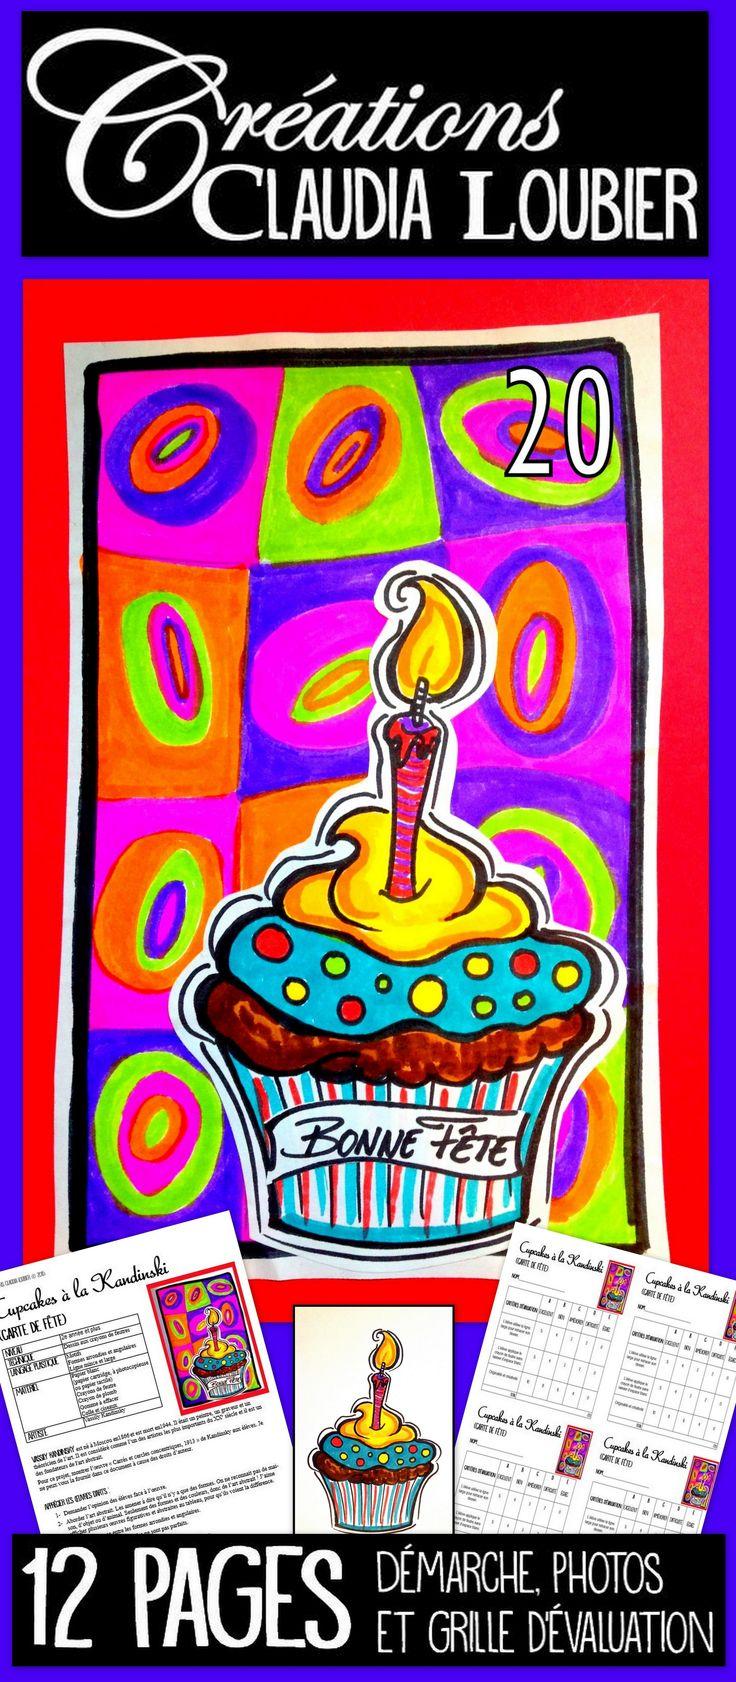 Voici un projet pour débuter l'année scolaire. Une création de carte de fête, que les élèves pourront personnaliser et recevoir durant l'année. Pourquoi ne pas débuter l'année artistiquement, en travaillant à la manière d'un artiste célèbre: Vassily Kandinsly. Du matériel simple : des feutres de couleurs, colle et ciseaux. Ce document contient la démarche complète avec photo et grille d'évaluation. Bonne rentrée !